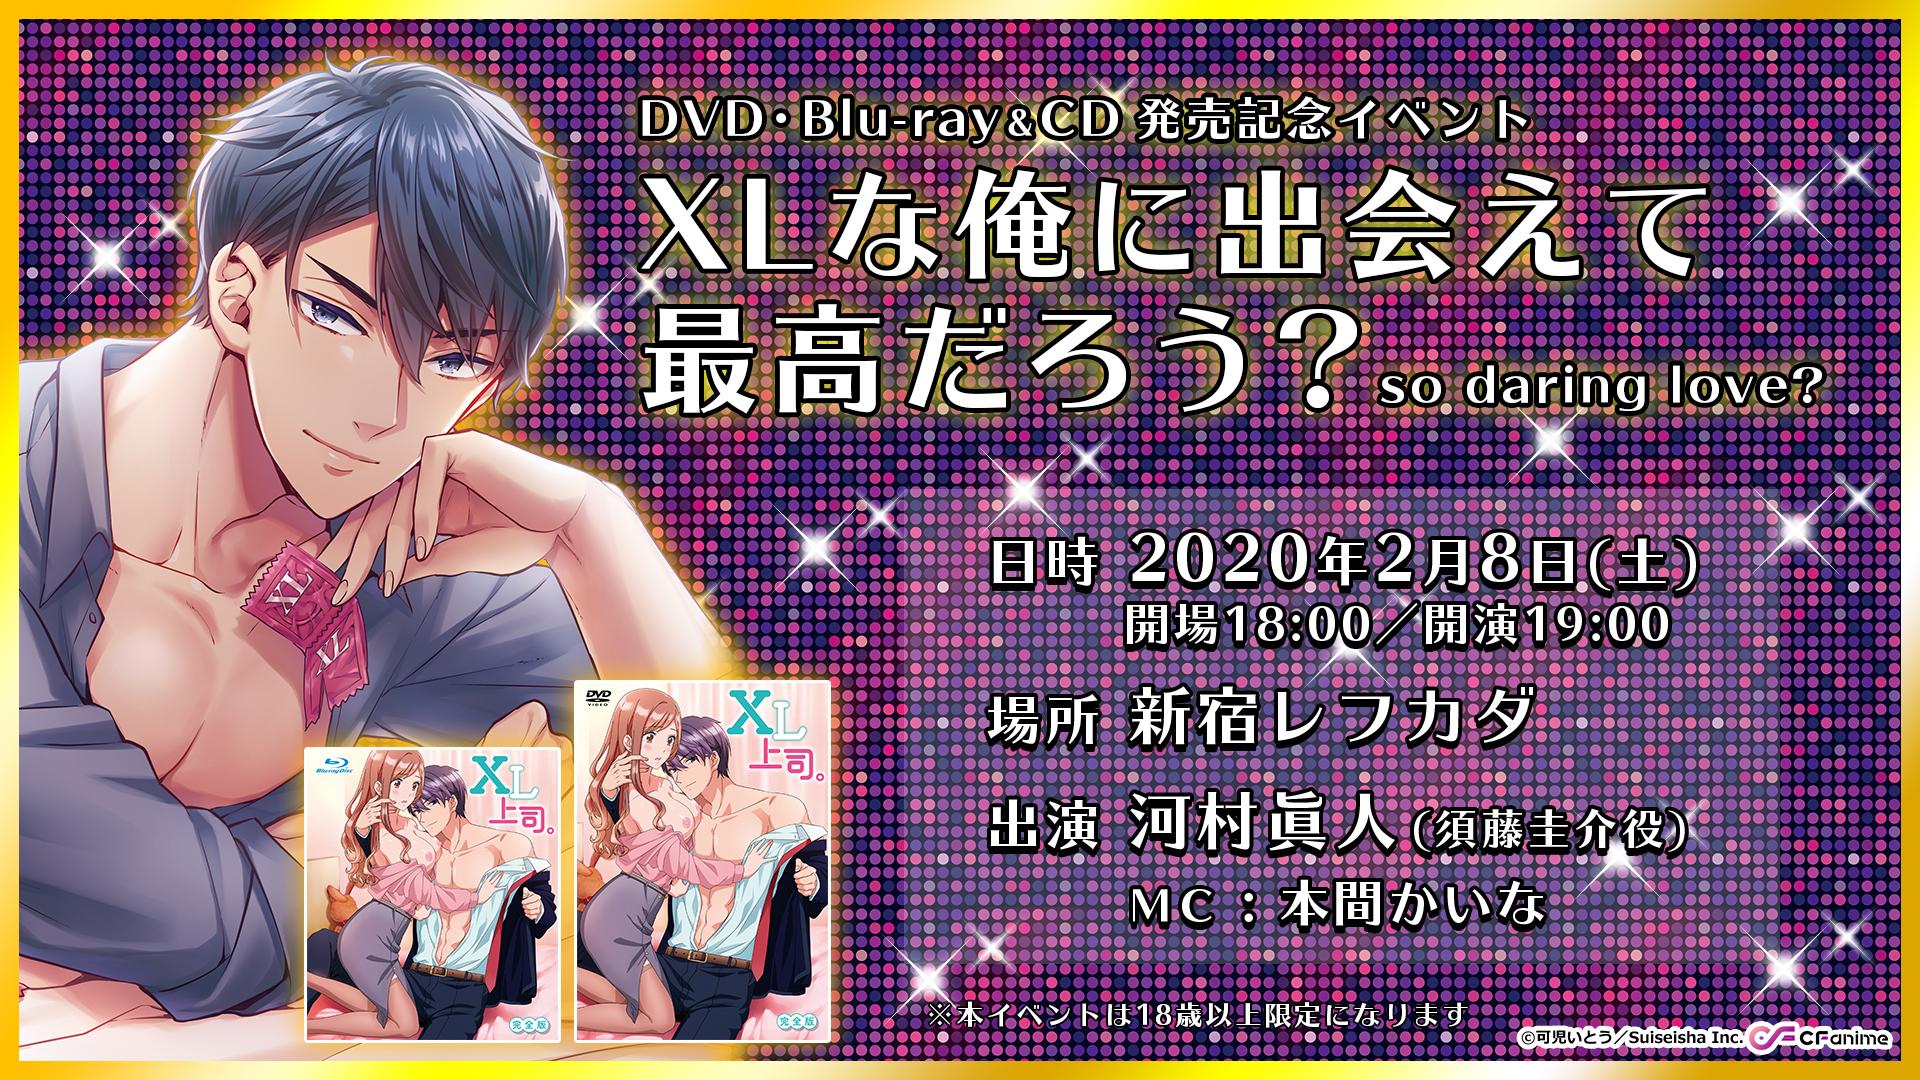 アニメ『XL上司。』DVD・Blu-ray&CD発売記念イベント~XLな俺に出会えて最高だろう? so daring love? ※18歳以上限定